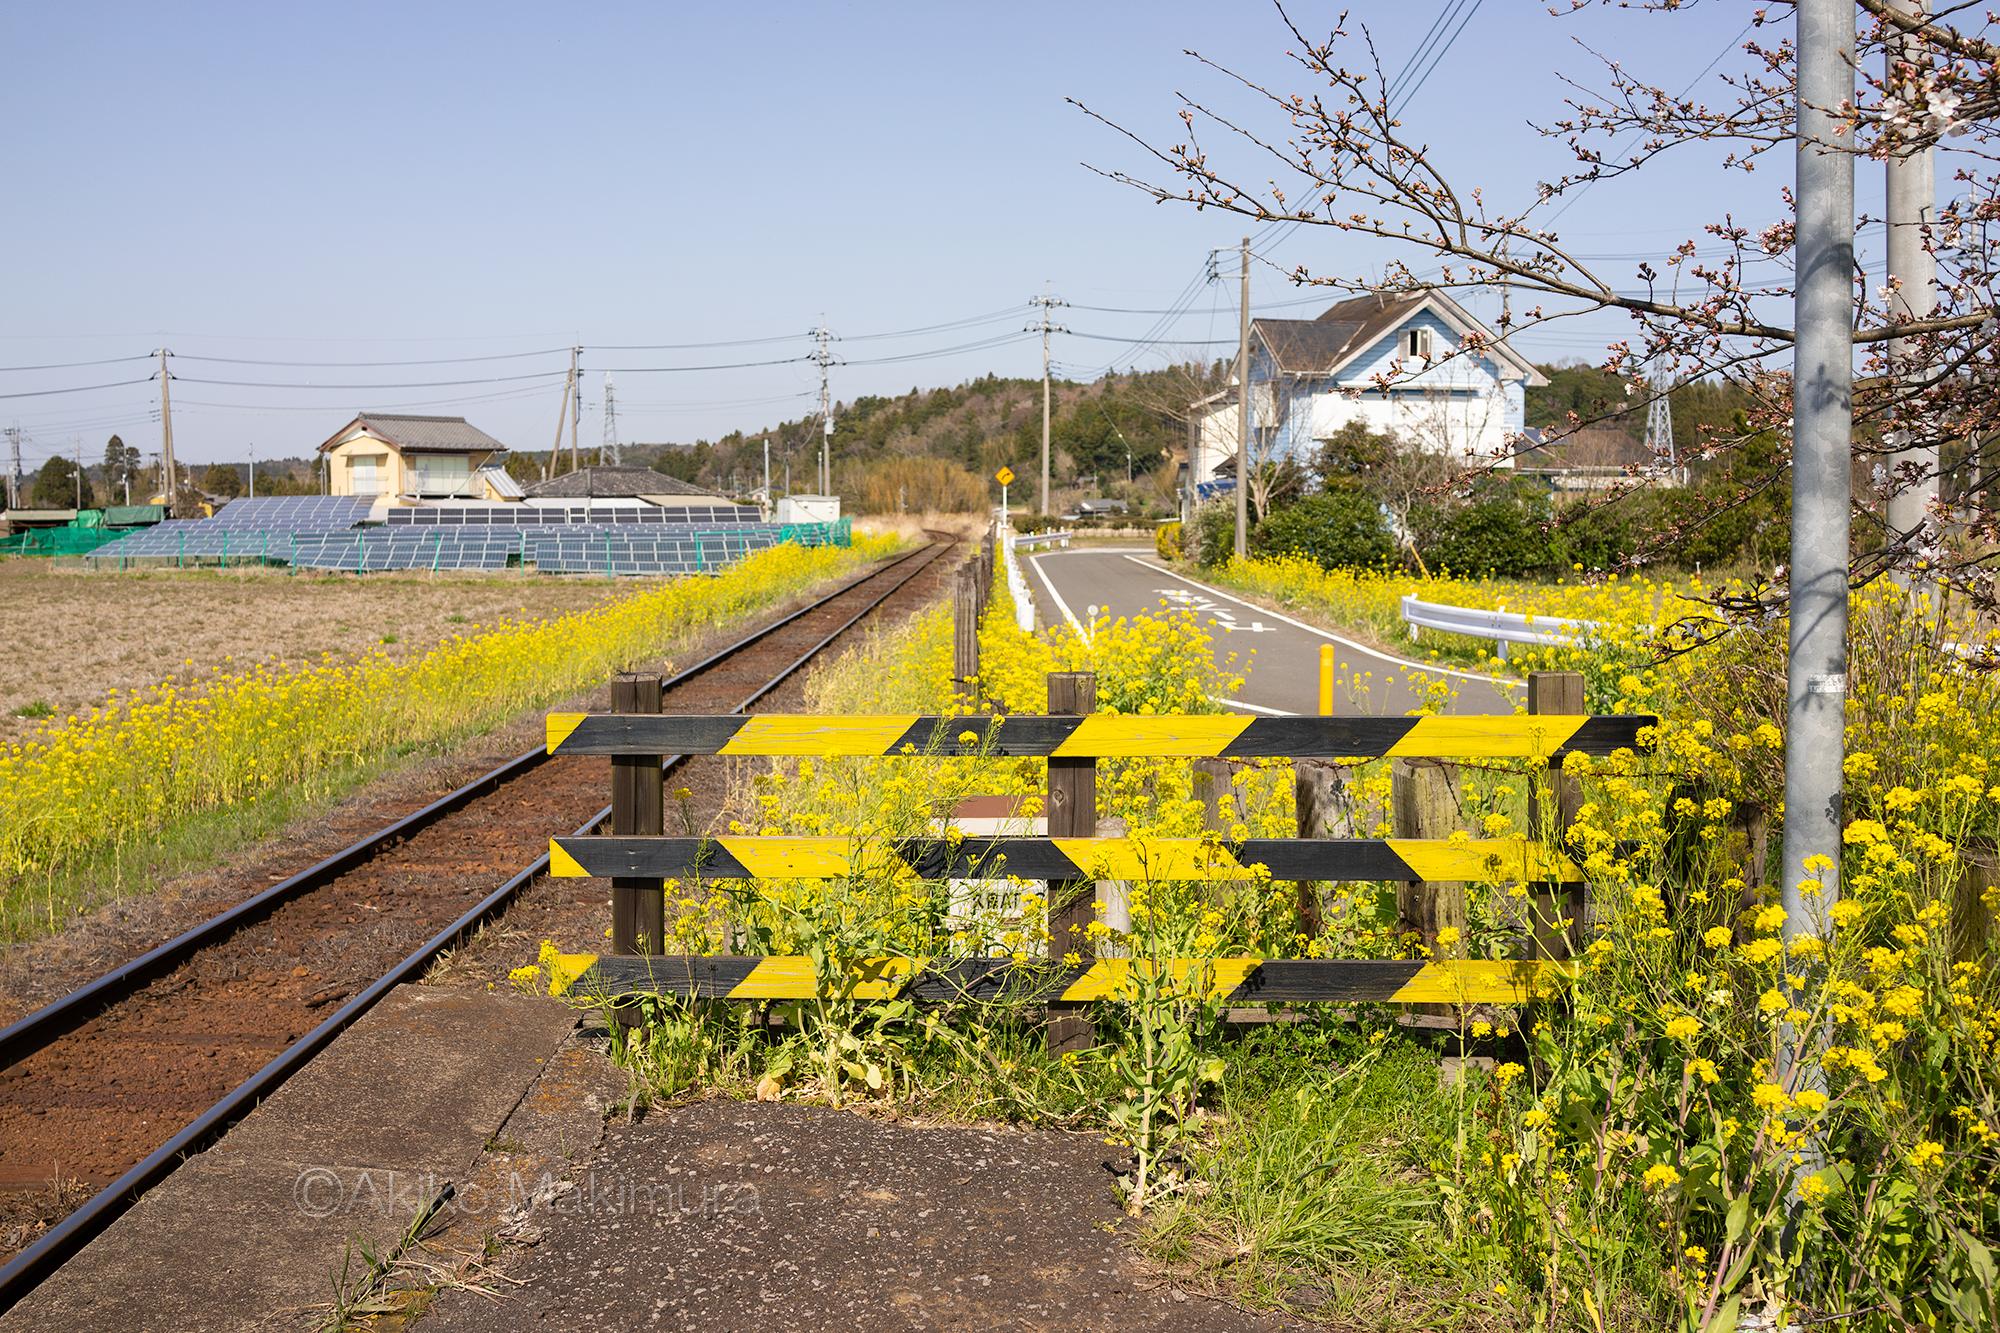 菜の花が咲き乱れる小湊鉄道の上総久保駅は無人駅です